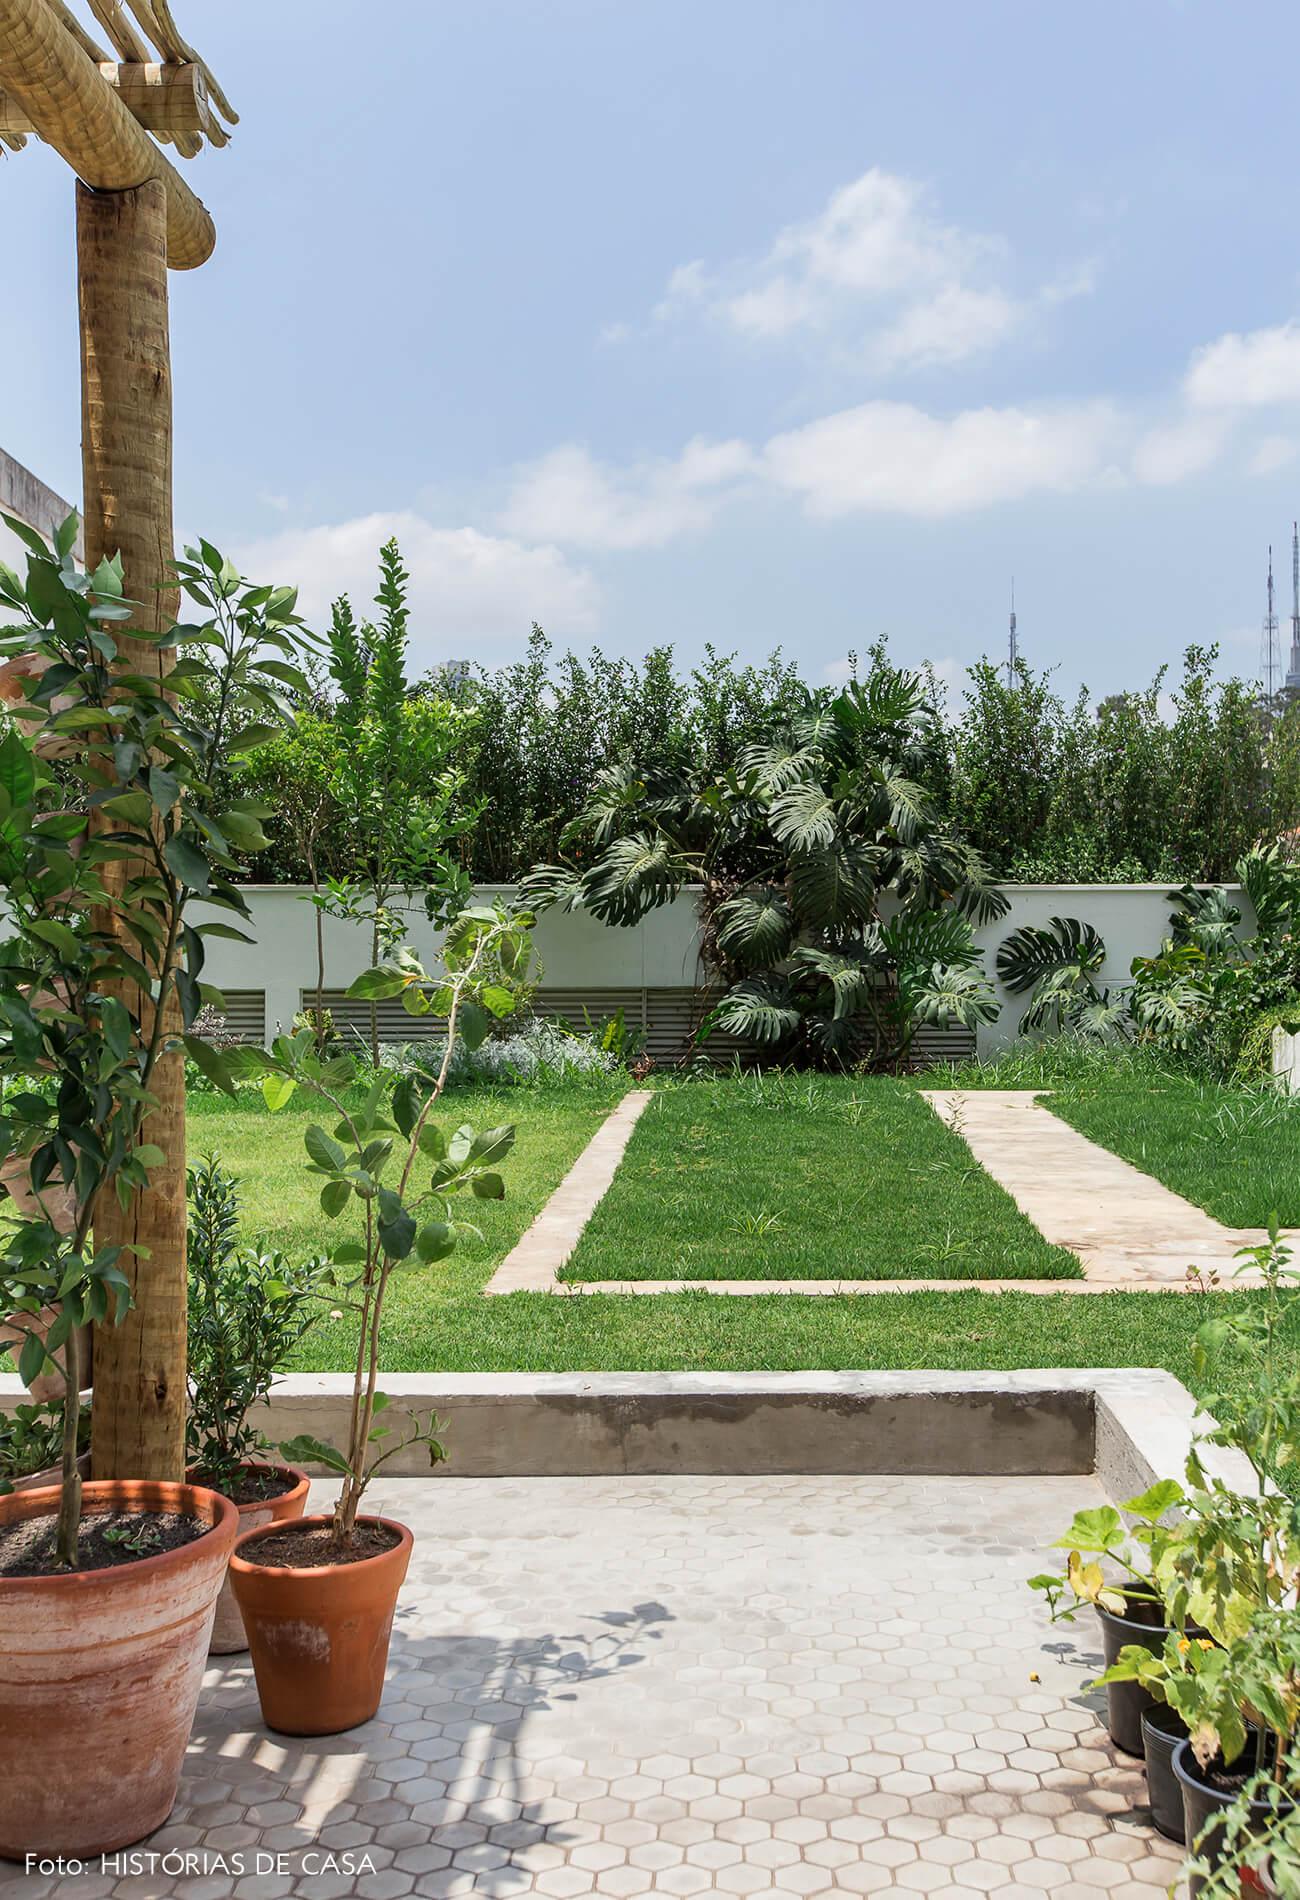 Apartamento térreo com terraço e gramado